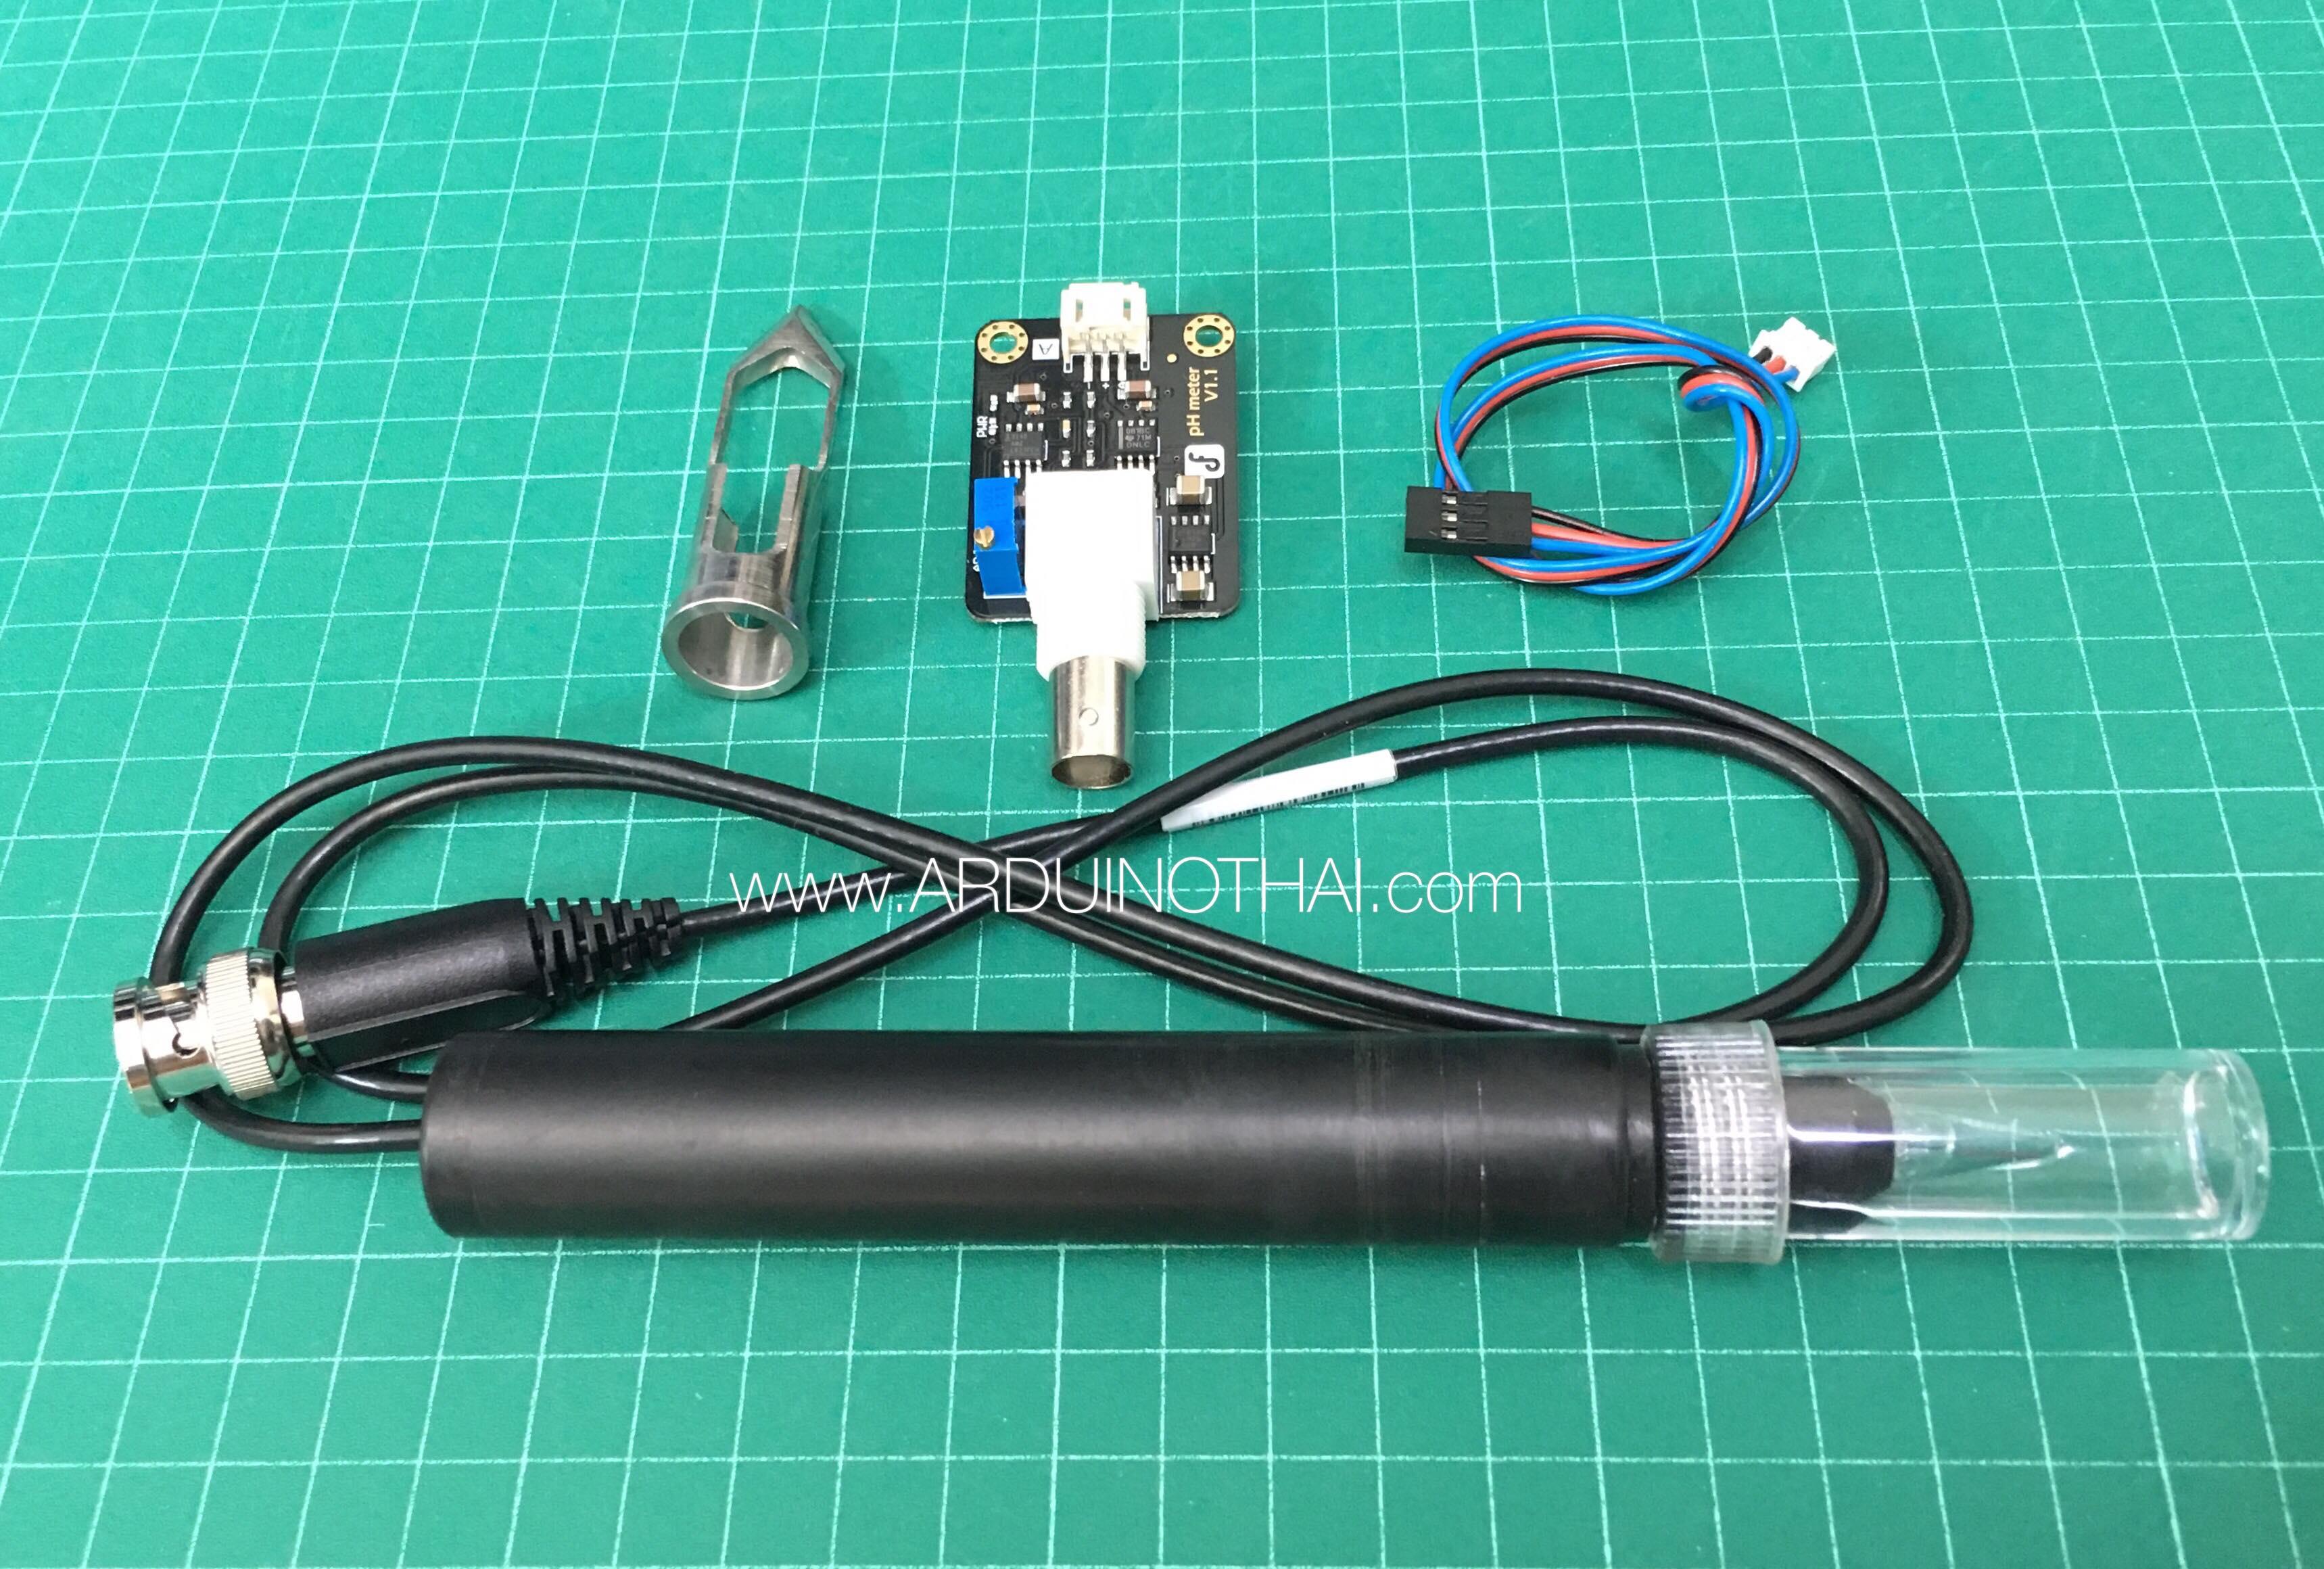 Analog Spear Tip pH Sensor/Meter Kit (For Soil And Food Applications)